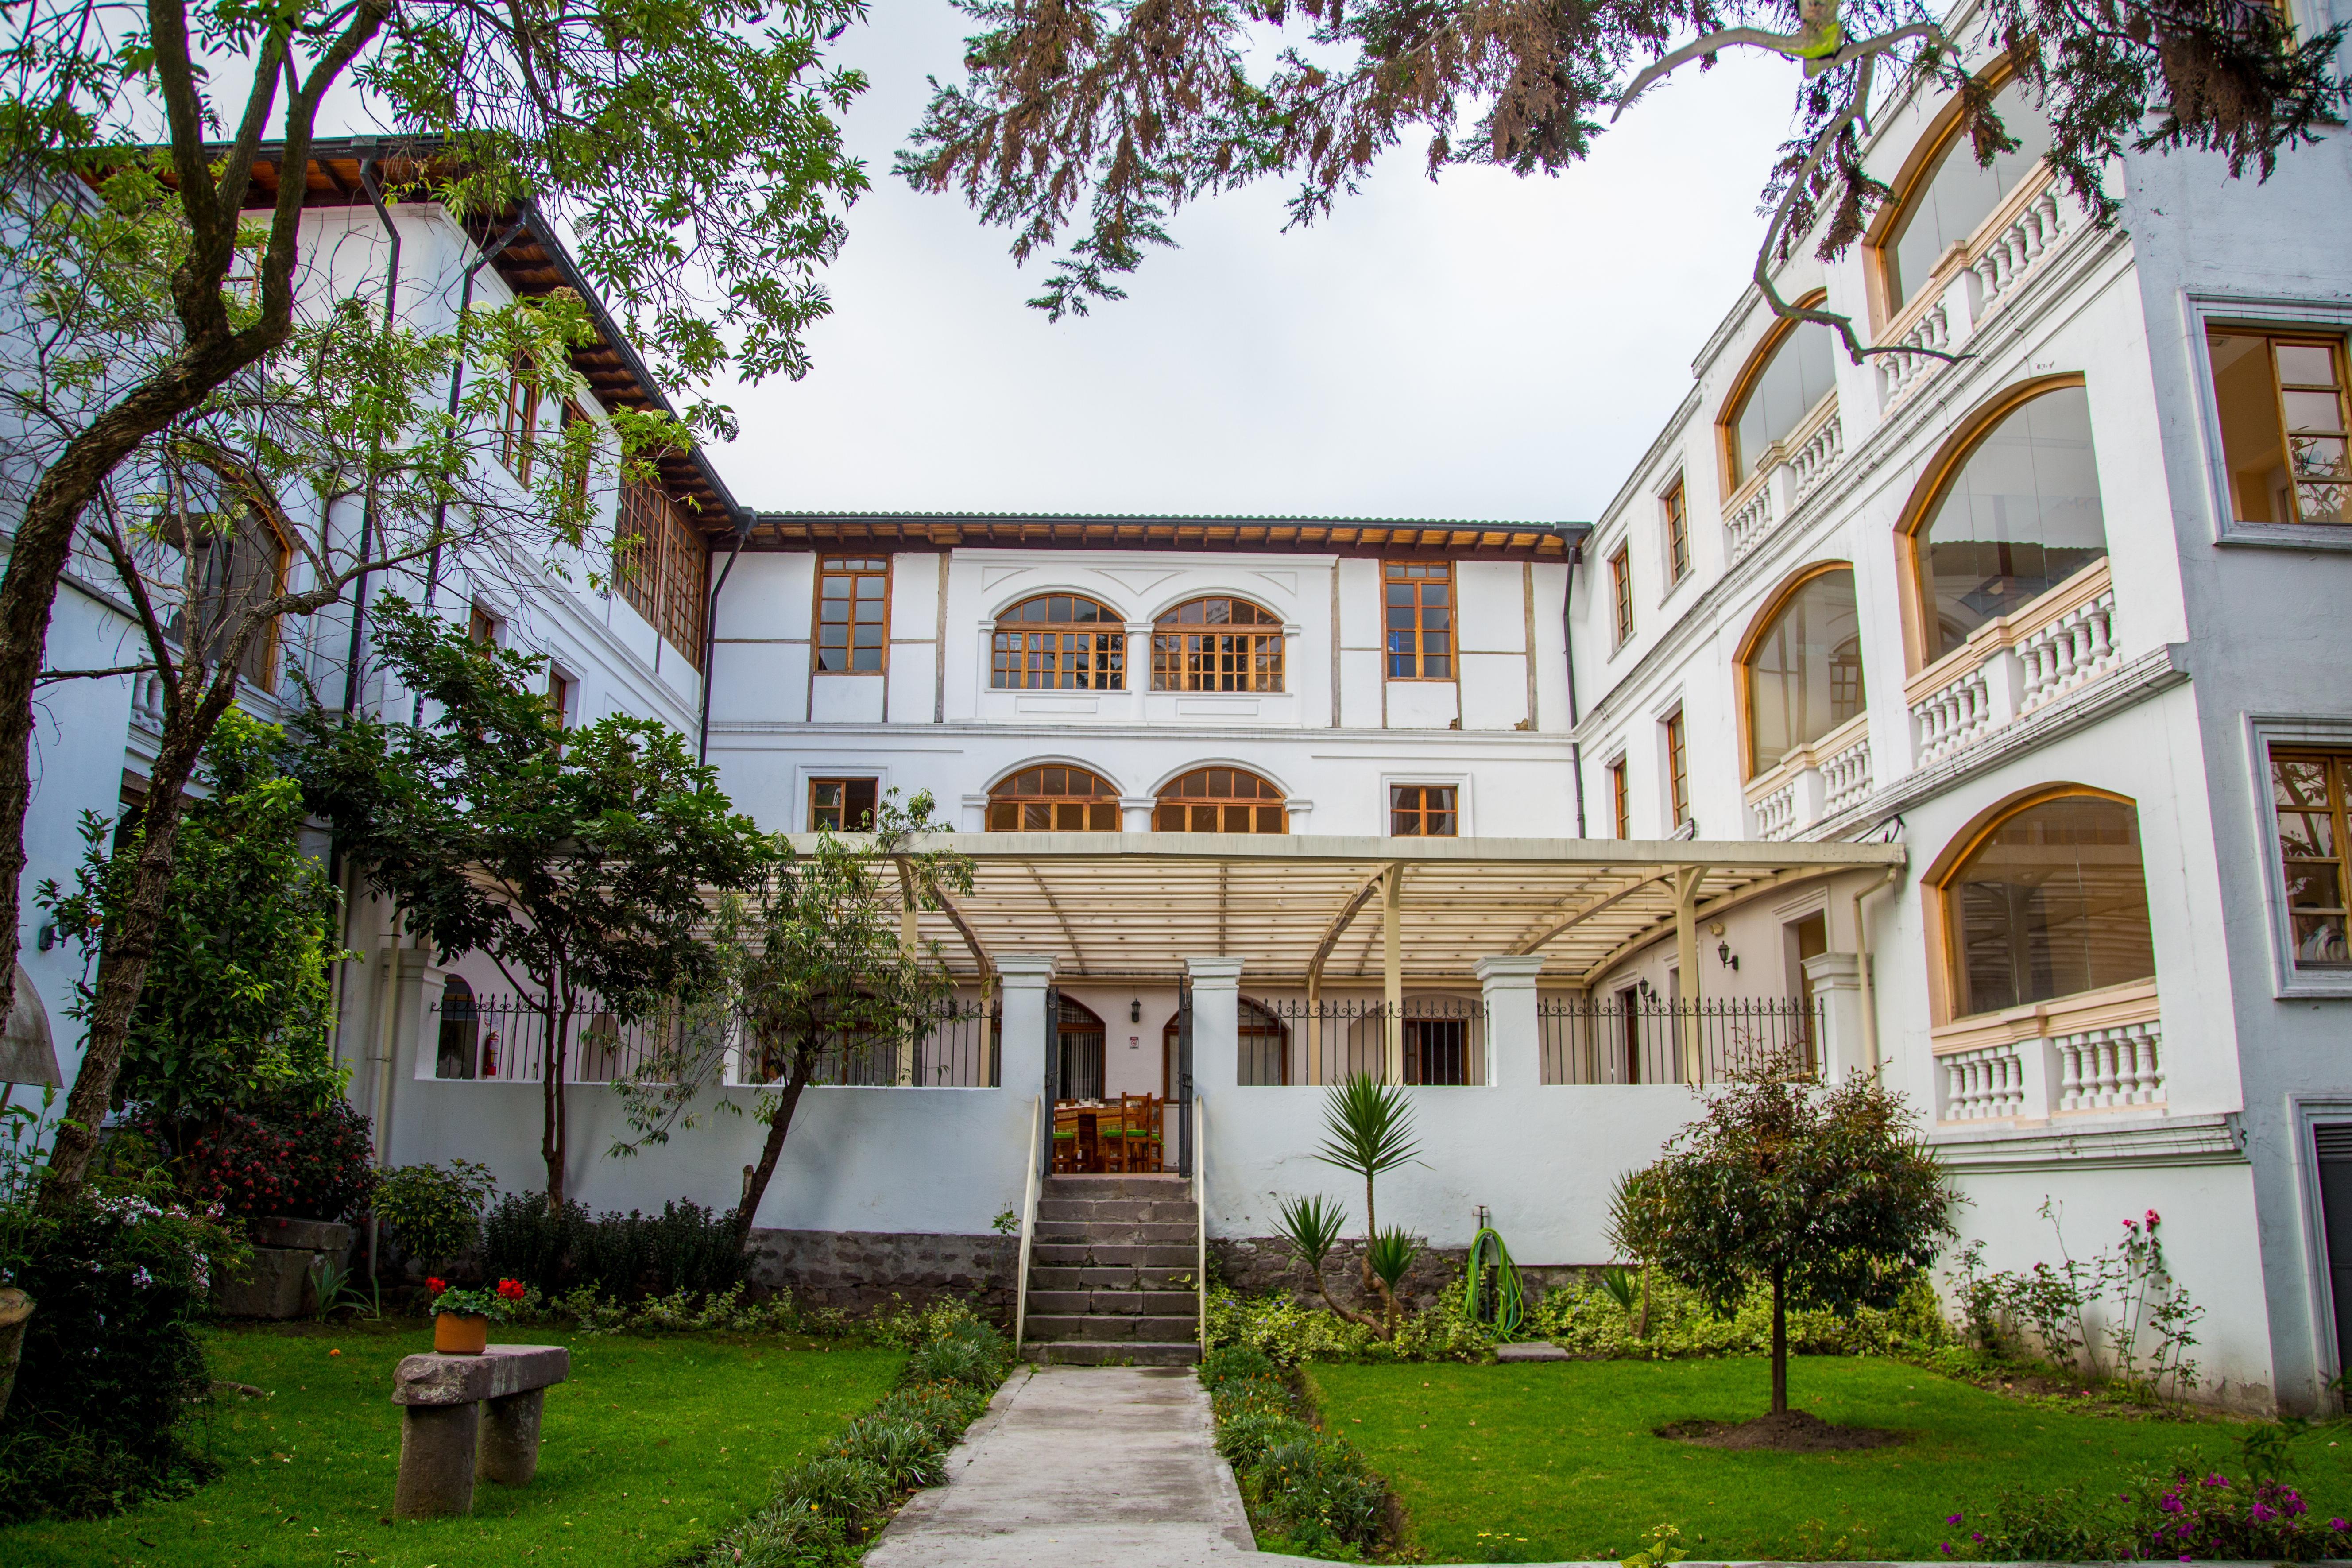 Solera House Adventure Hostel, Quito